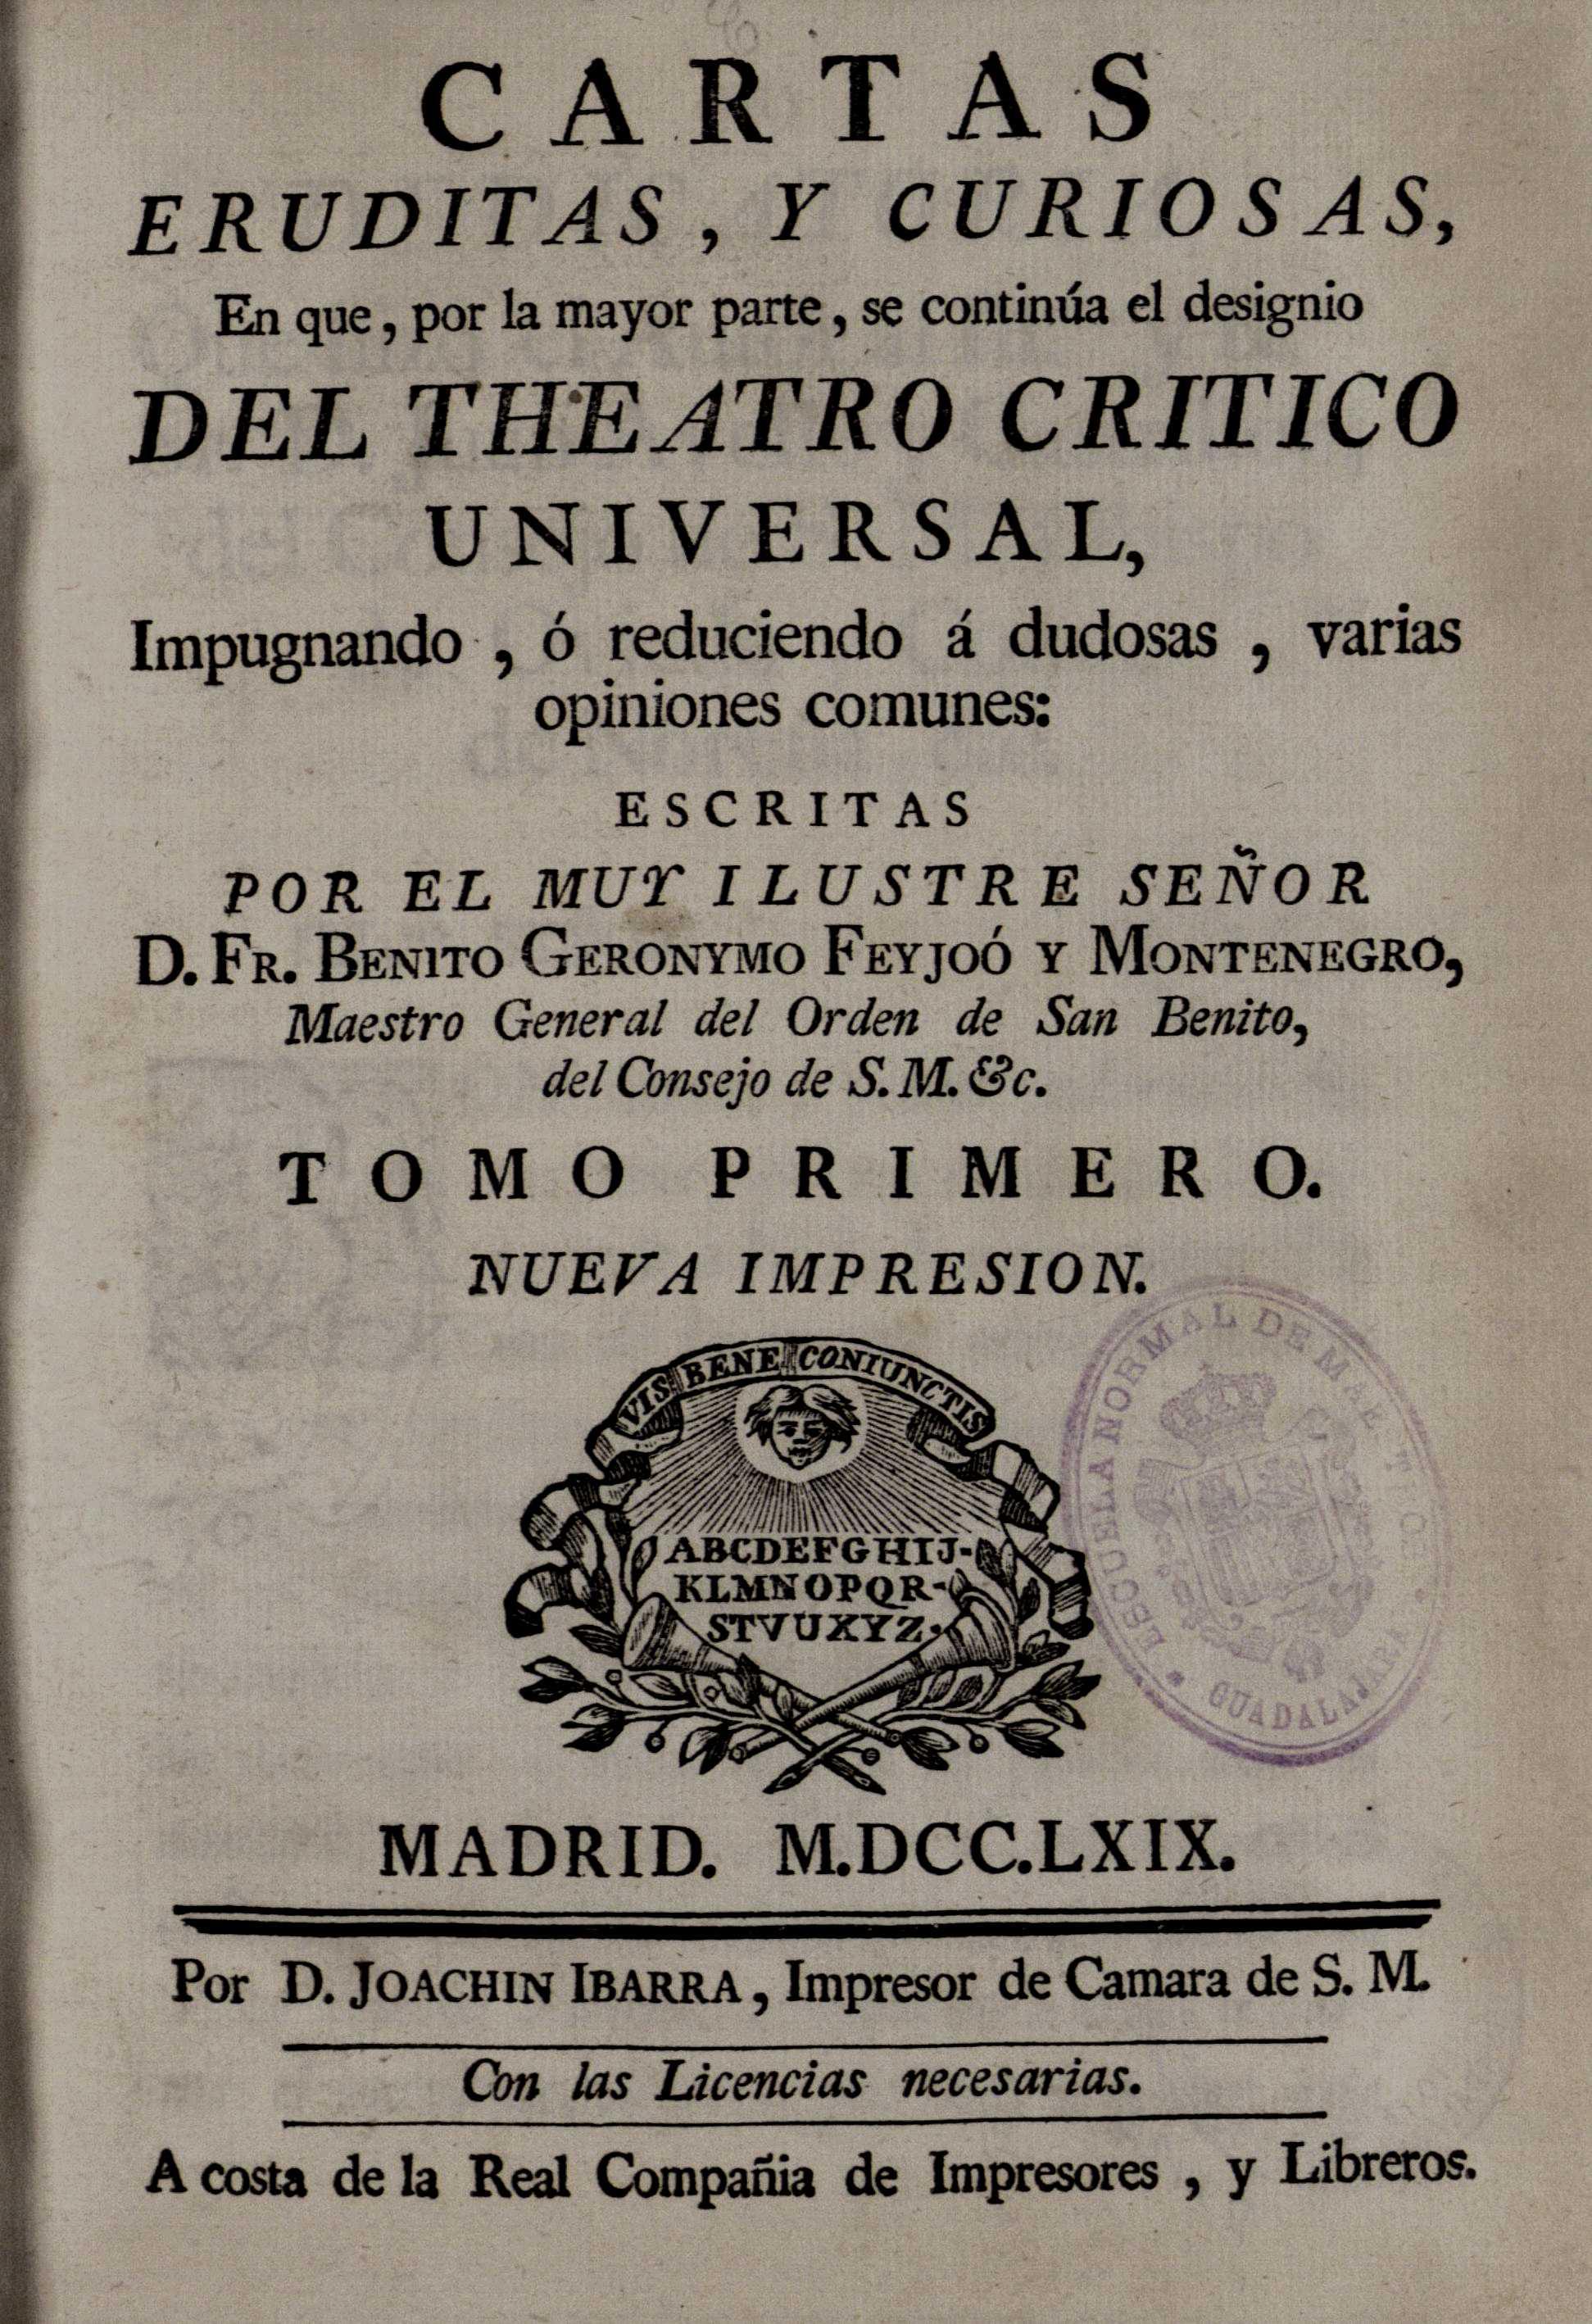 Cartas eruditas y curiosas, 1769